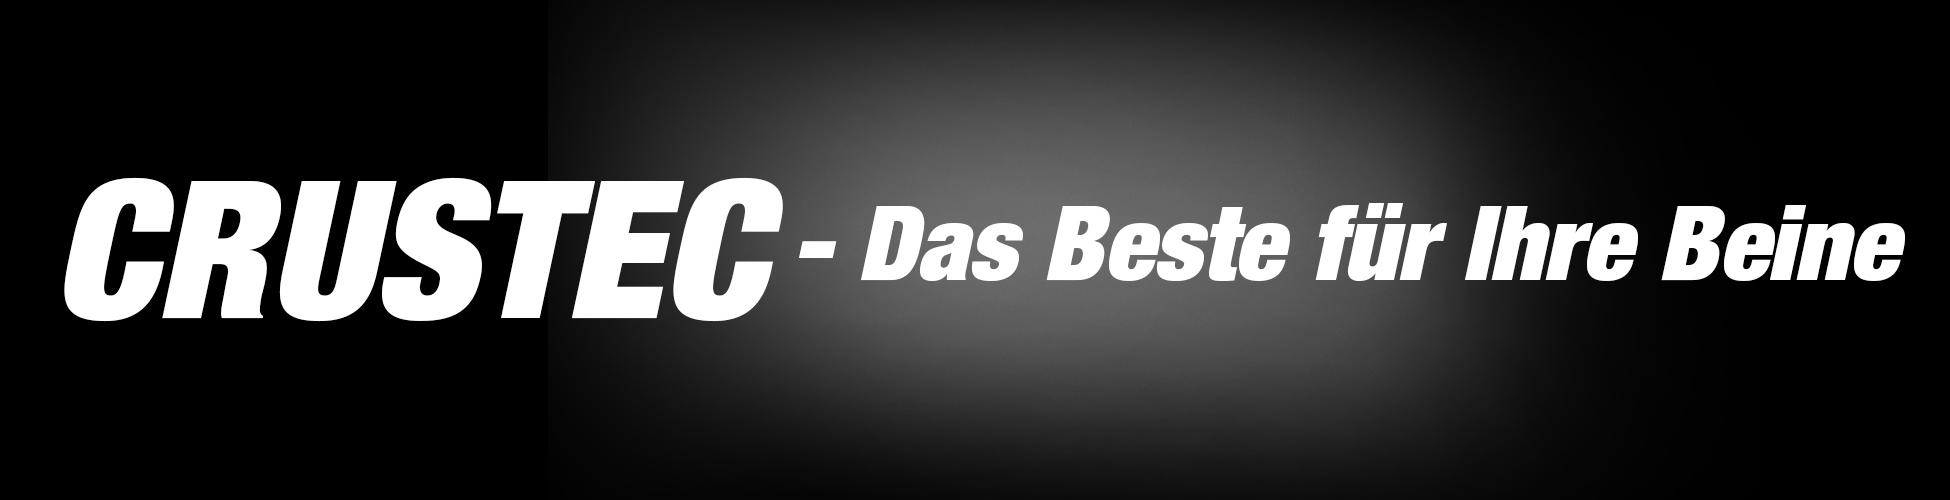 CRUSTEC - Das Beste für Ihre Beine